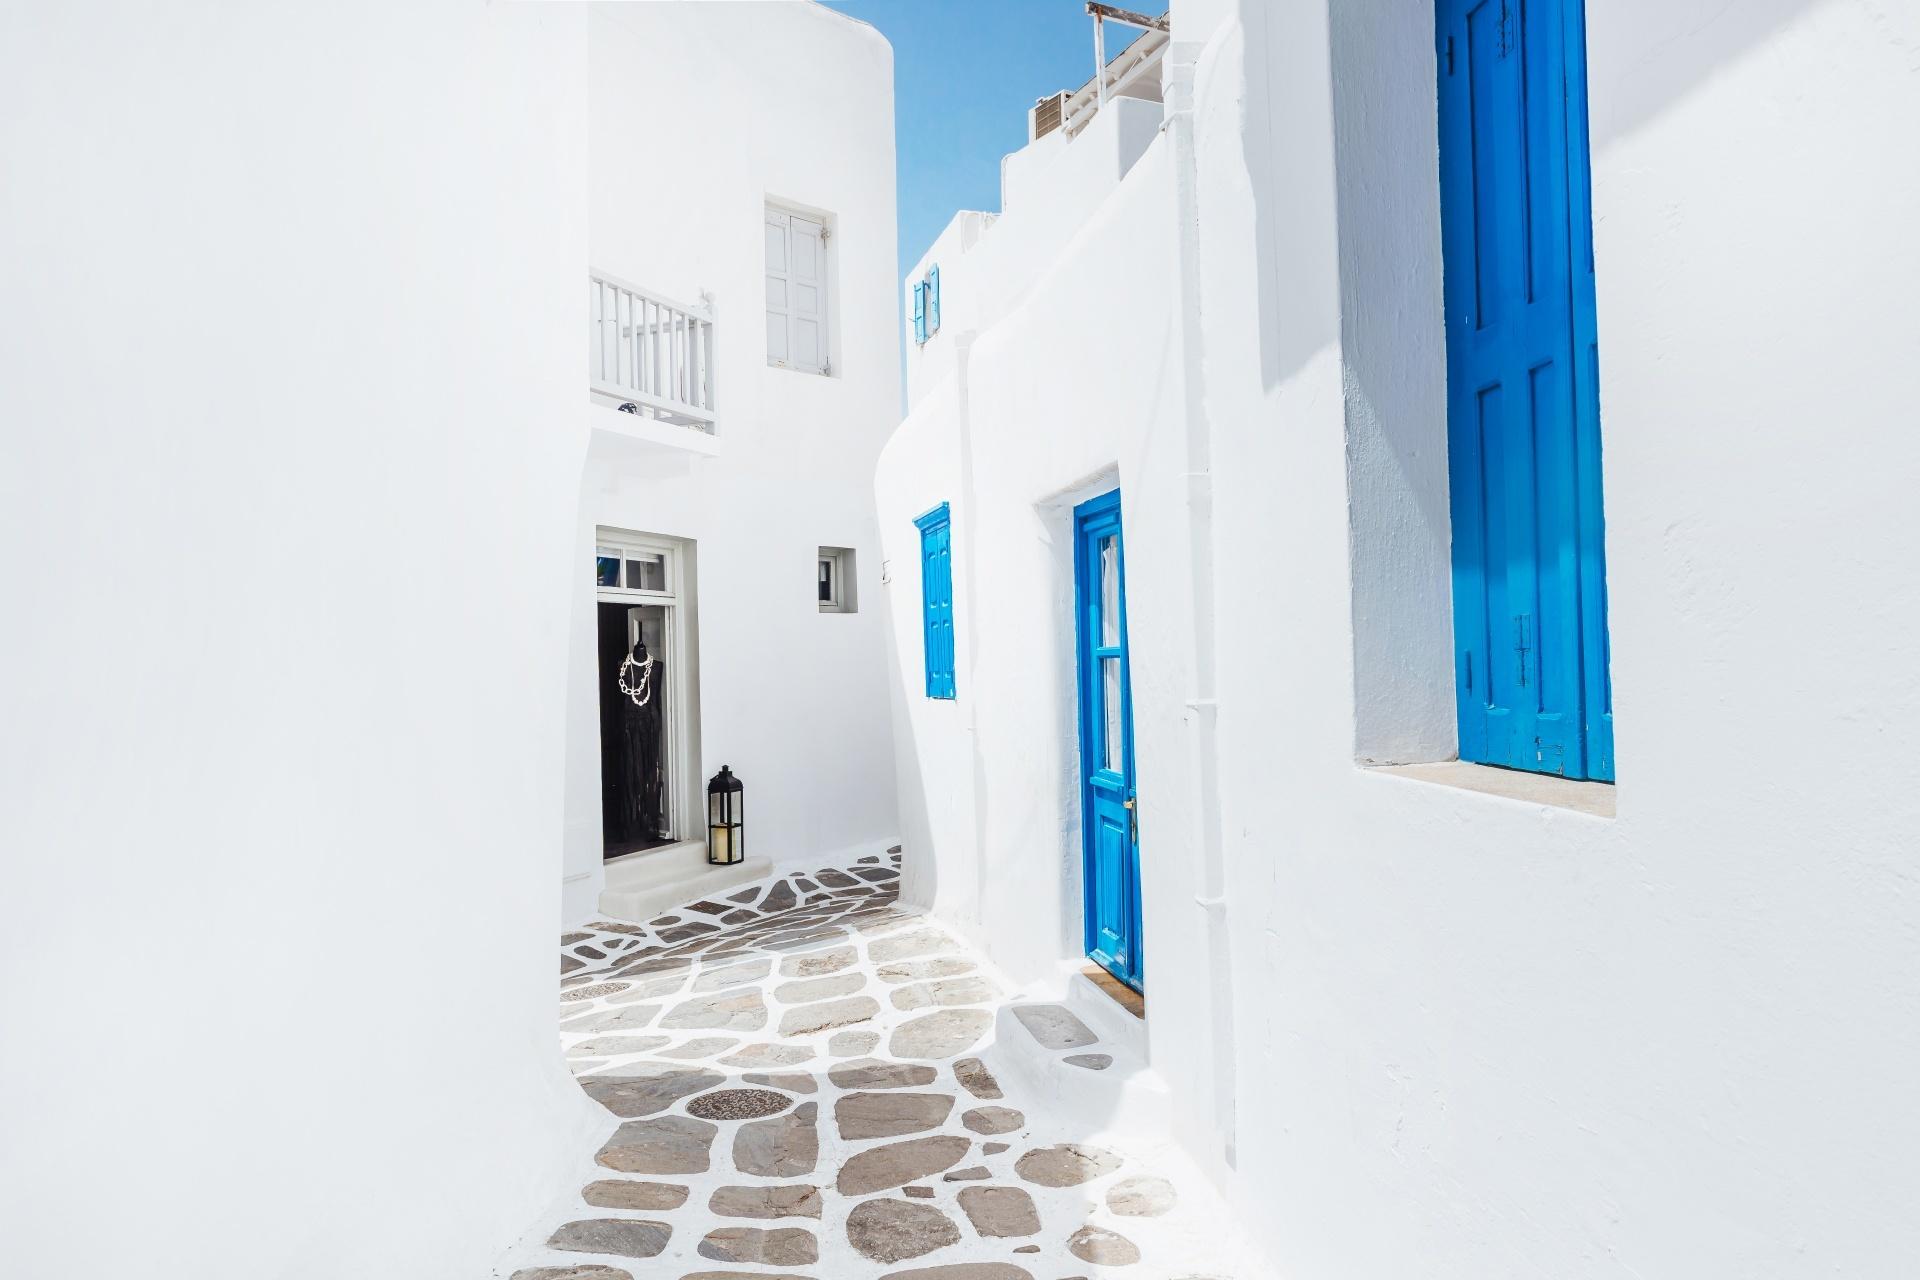 ミコノス島の風景 ギリシャの風景